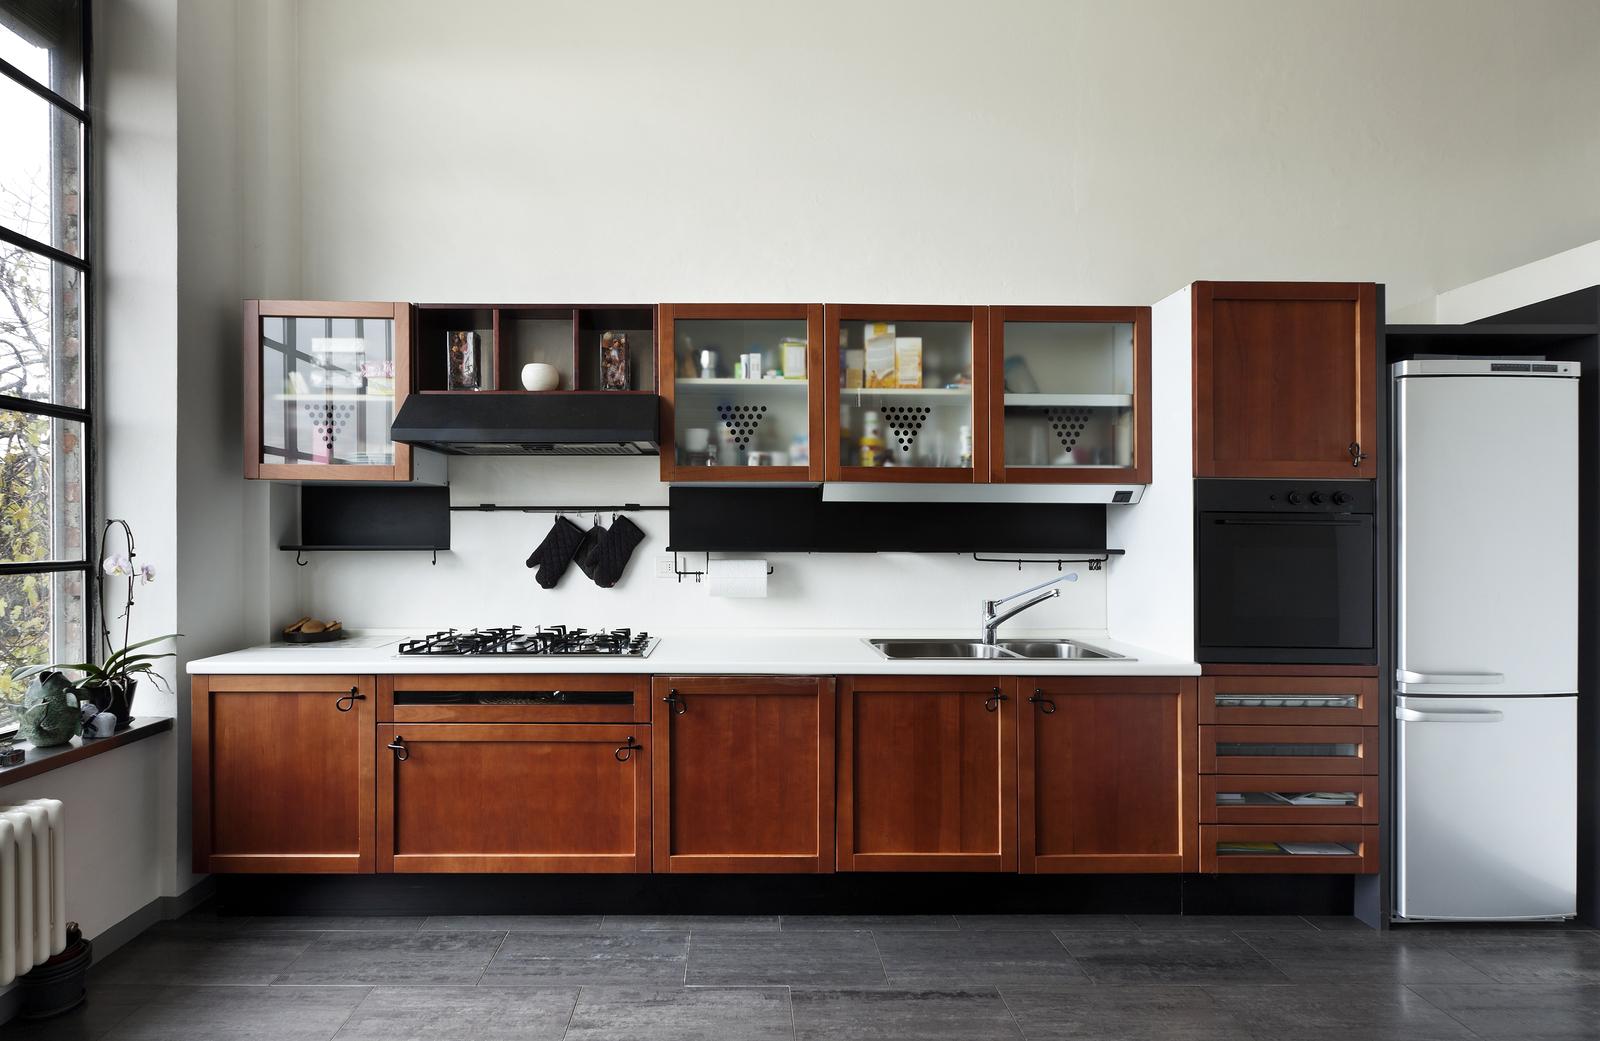 bigstock-beautiful-house-interior-vie-39230137.jpg